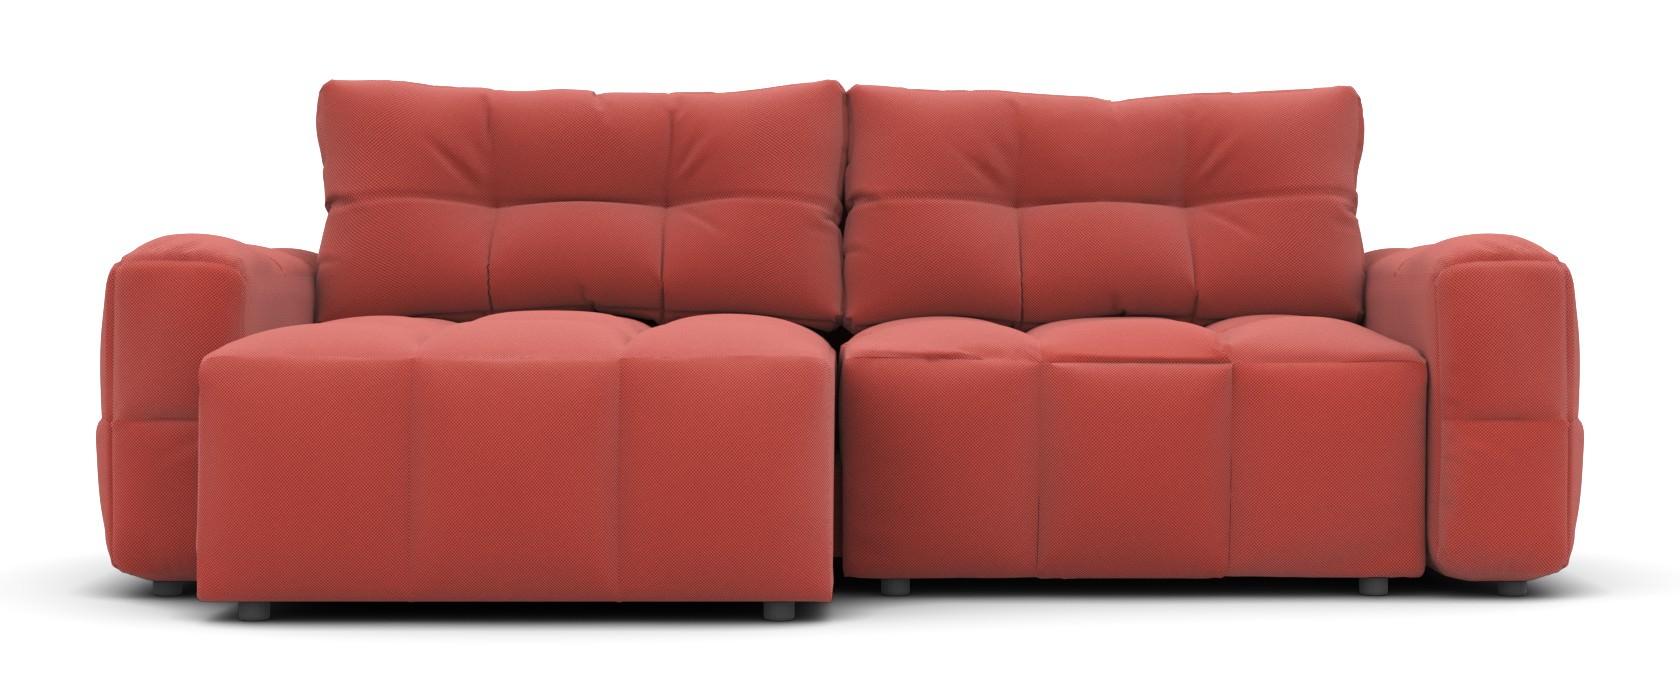 Угловой диван Leonardo Chaise Mini - Pufetto